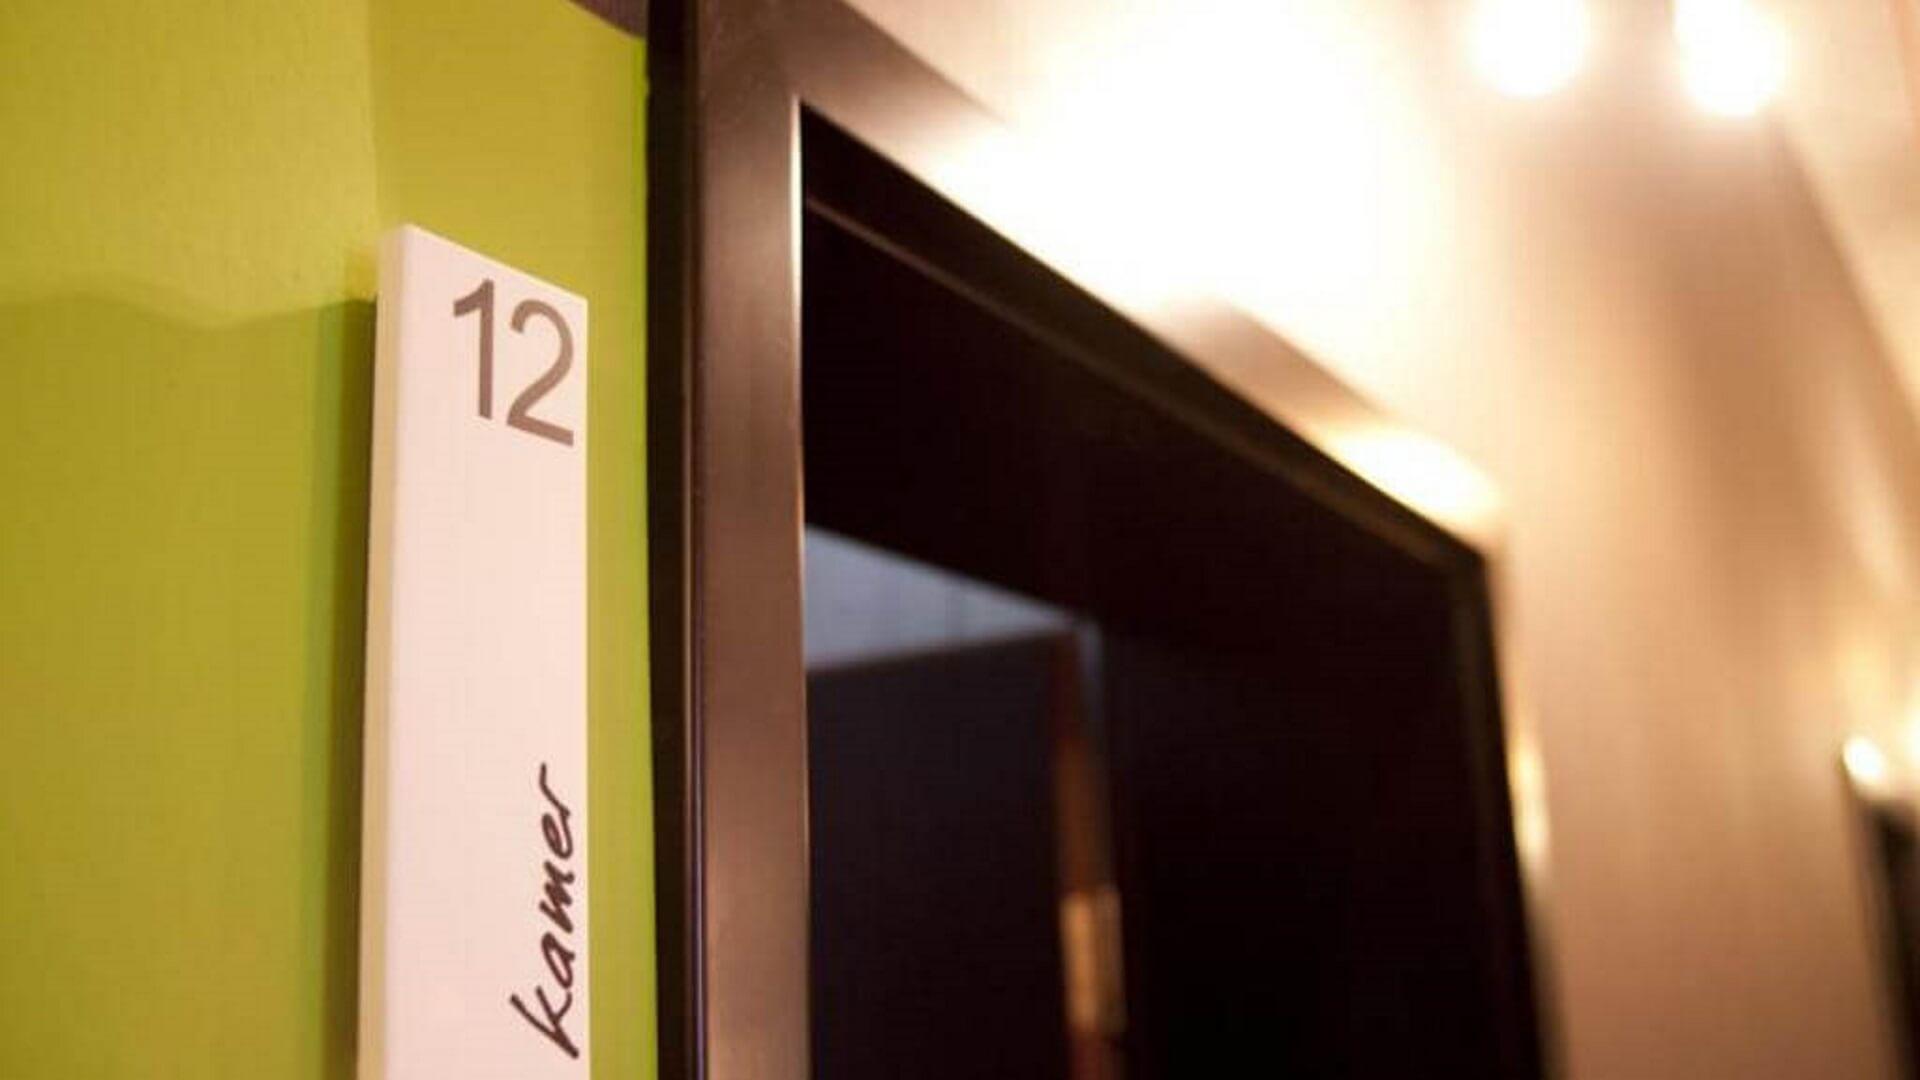 floor 16.9